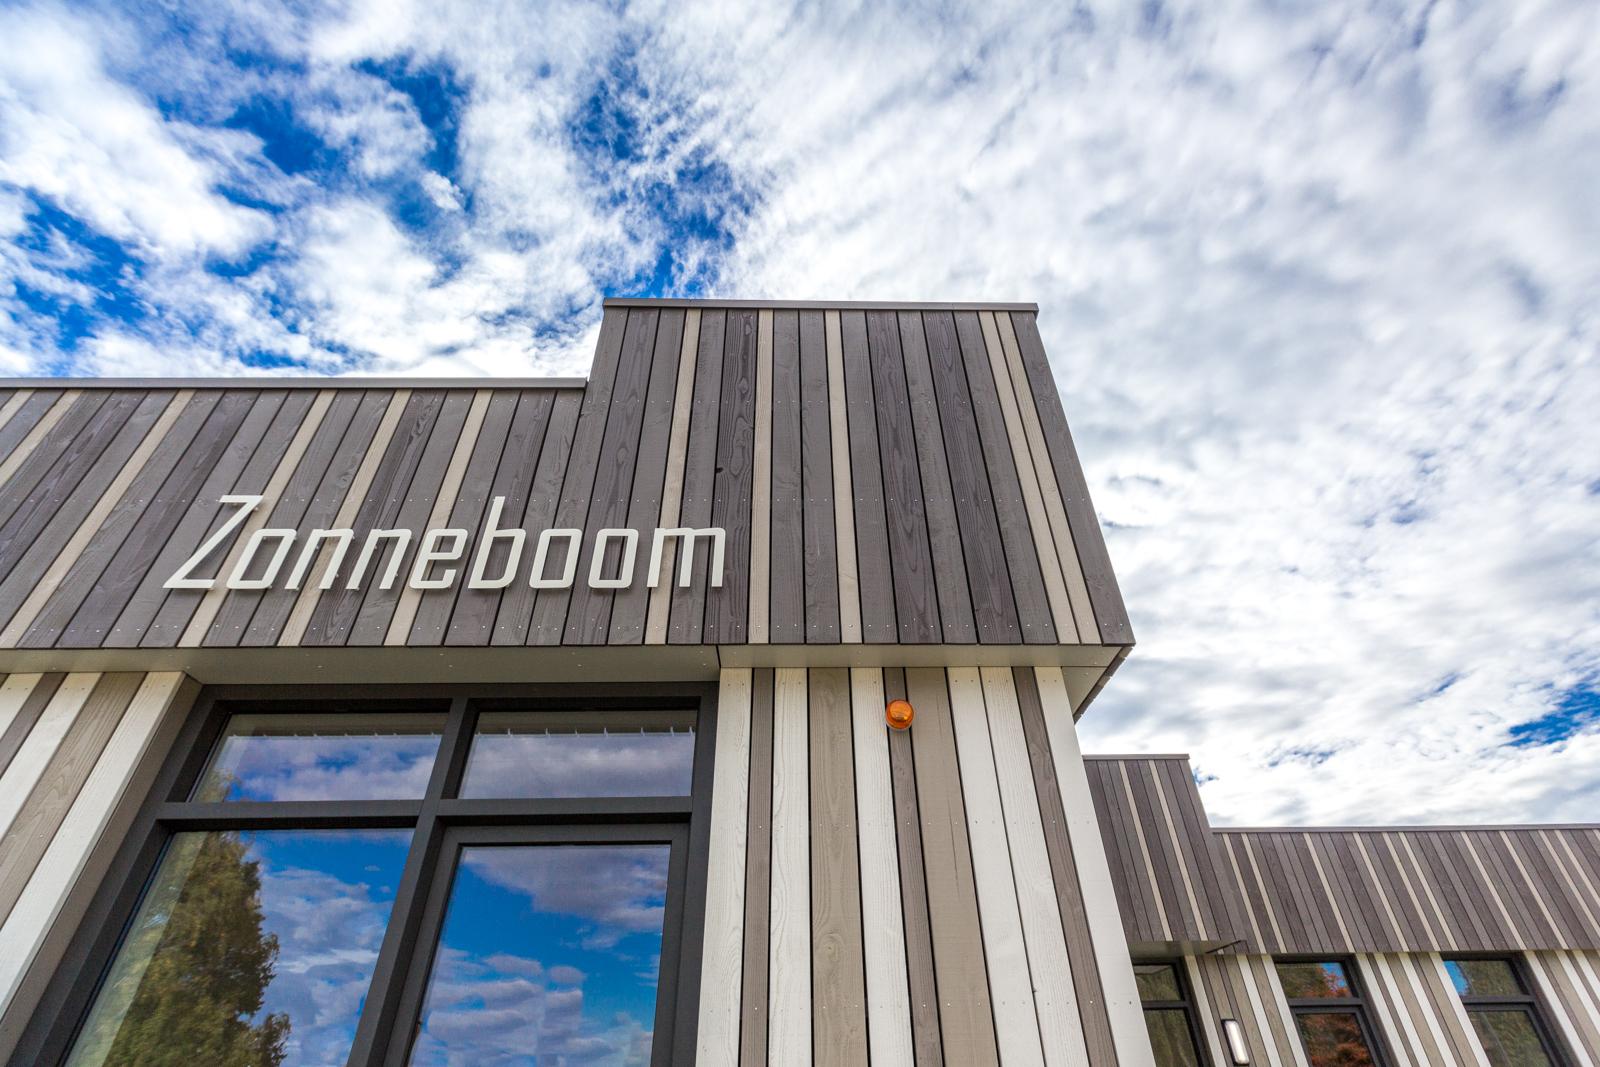 Zonneboom-Roosendaal-5708